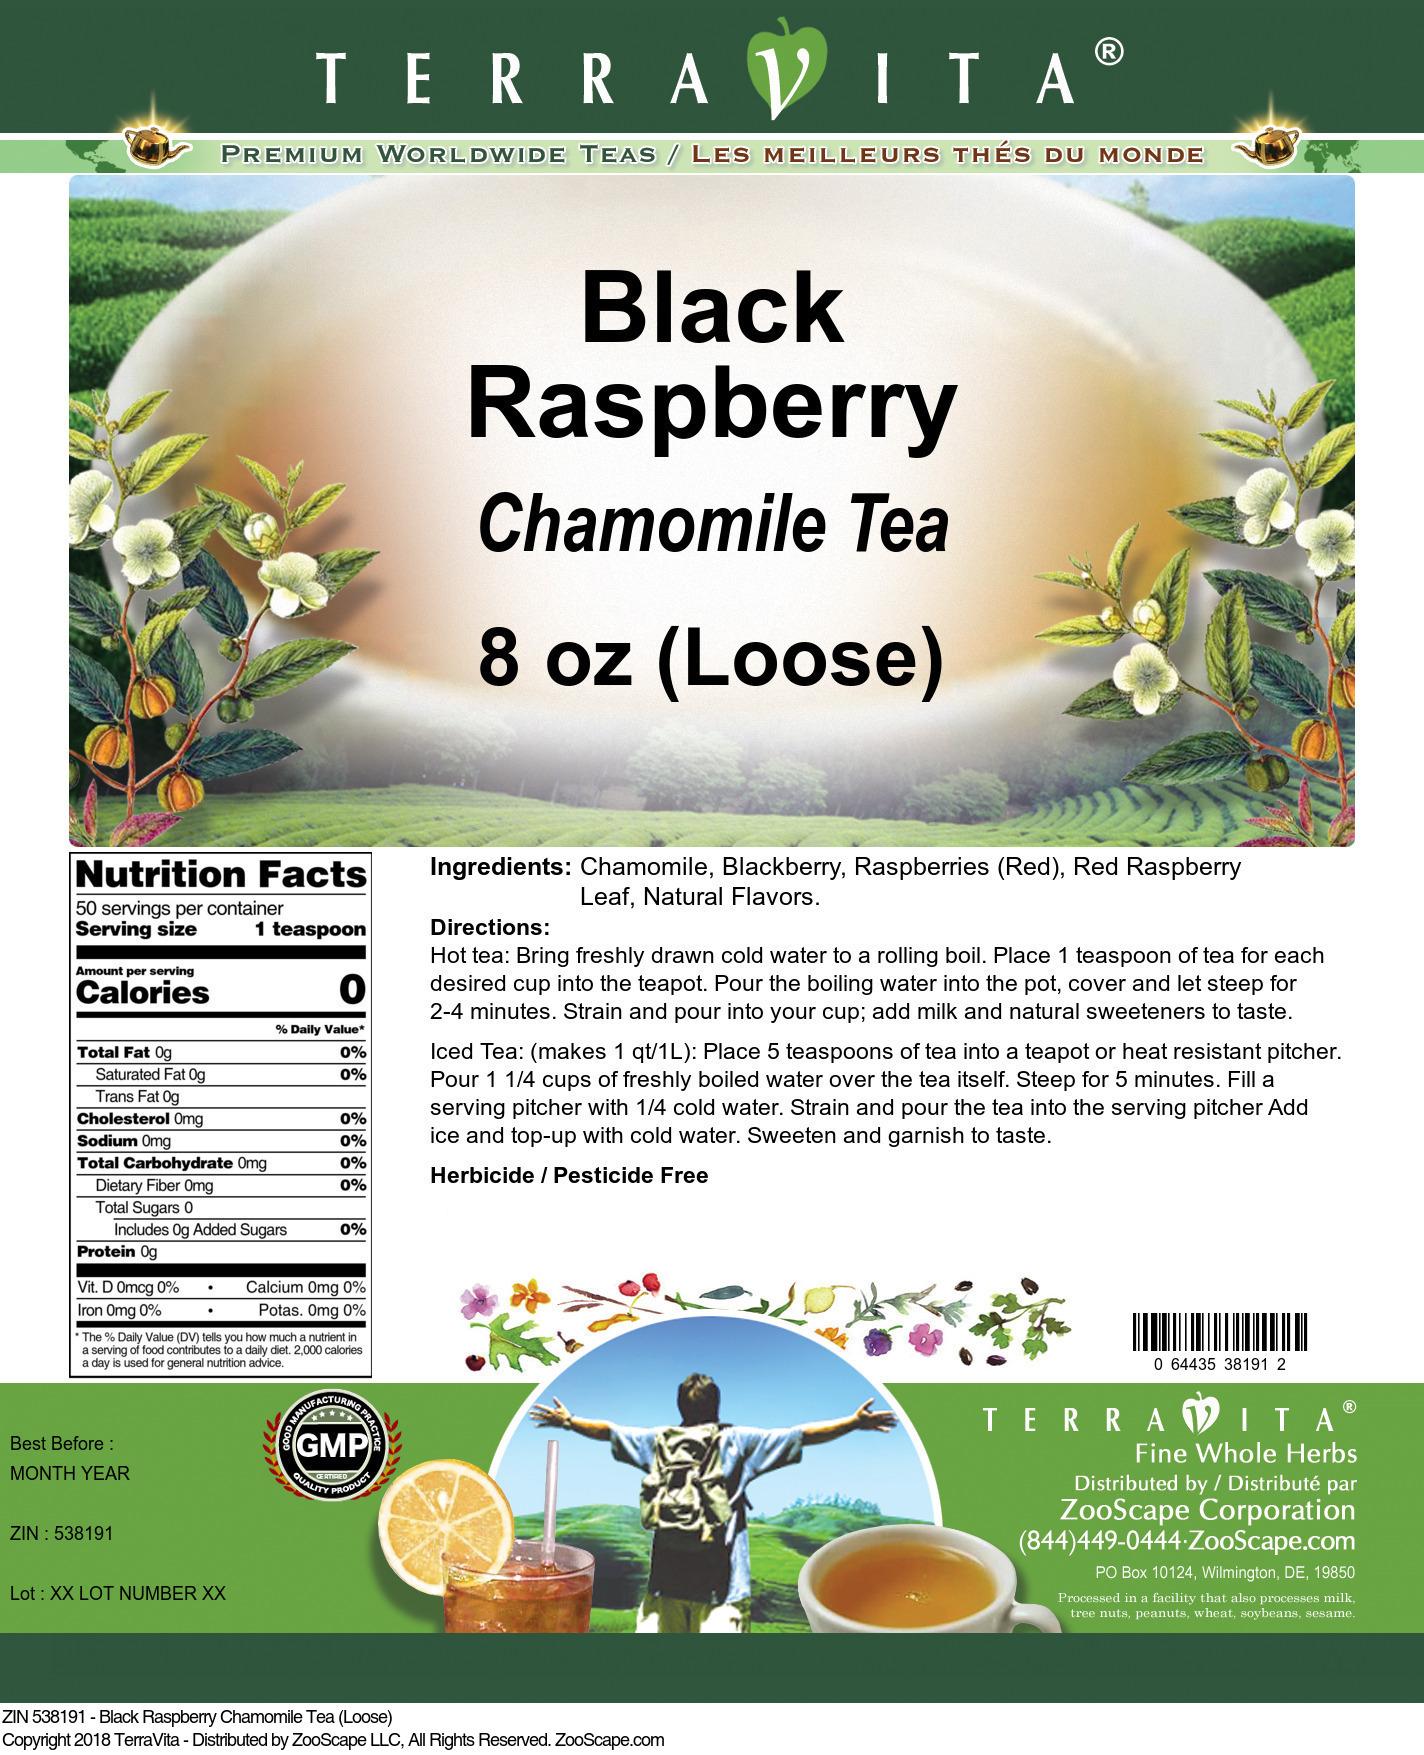 Black Raspberry Chamomile Tea (Loose)